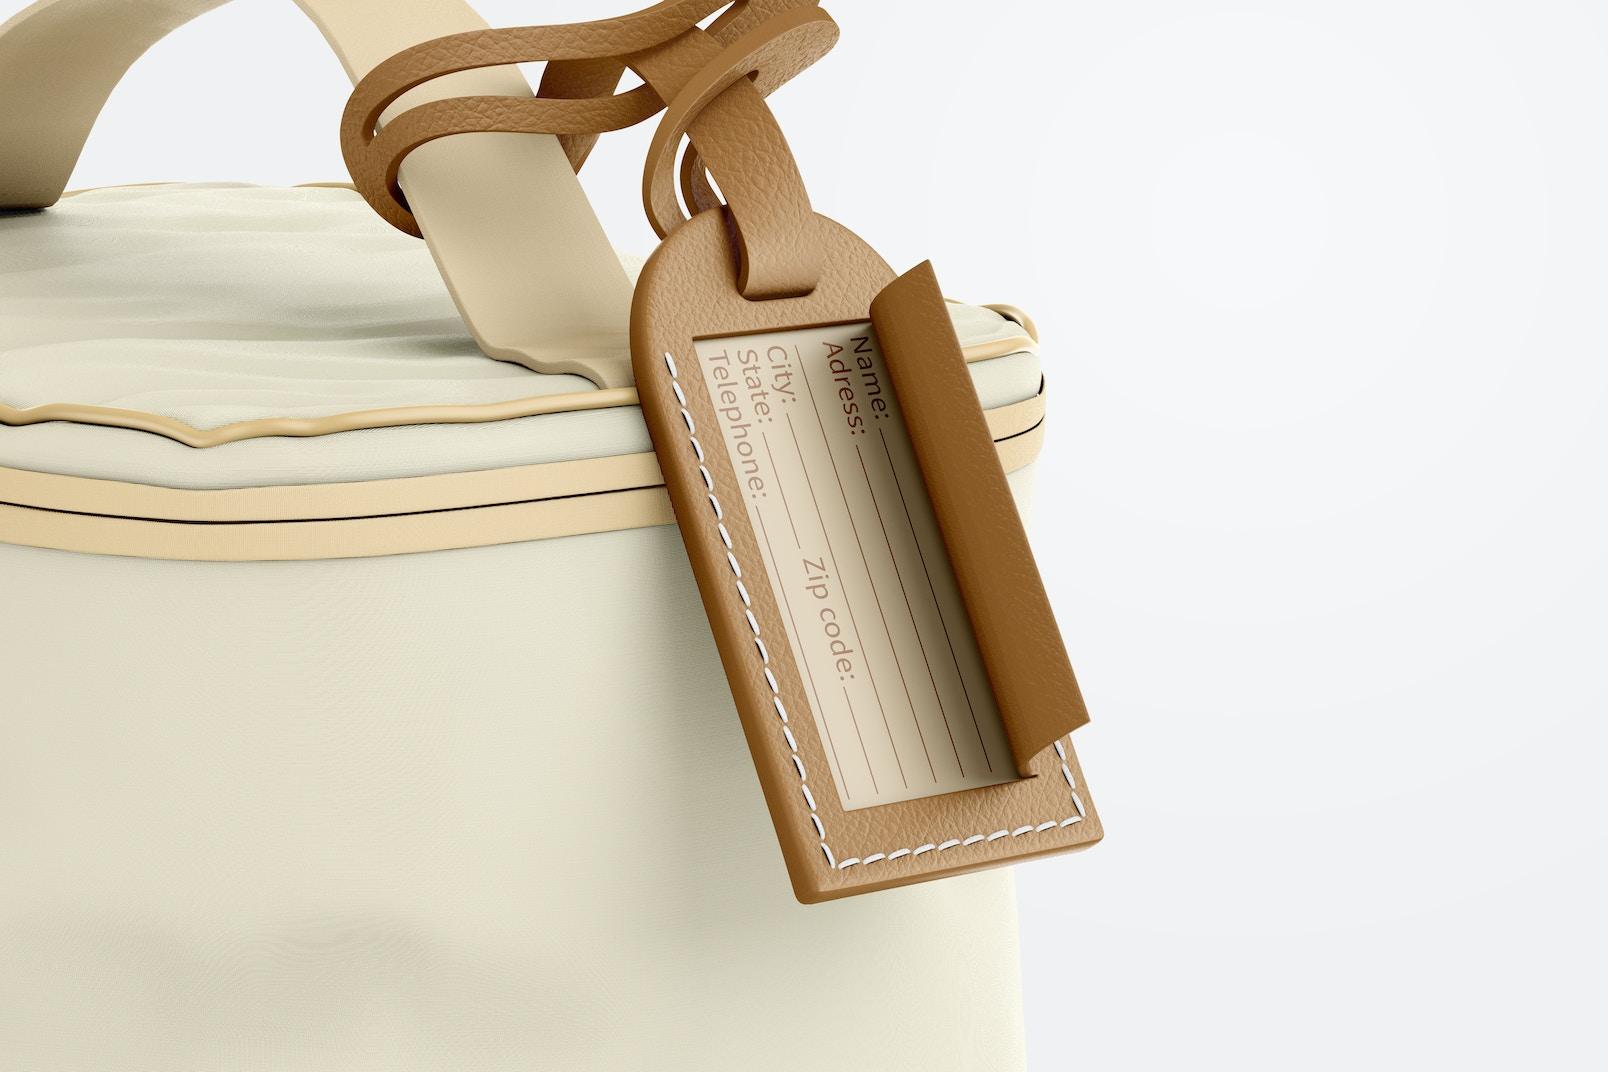 Leather ID Tag Mockup, on Bag